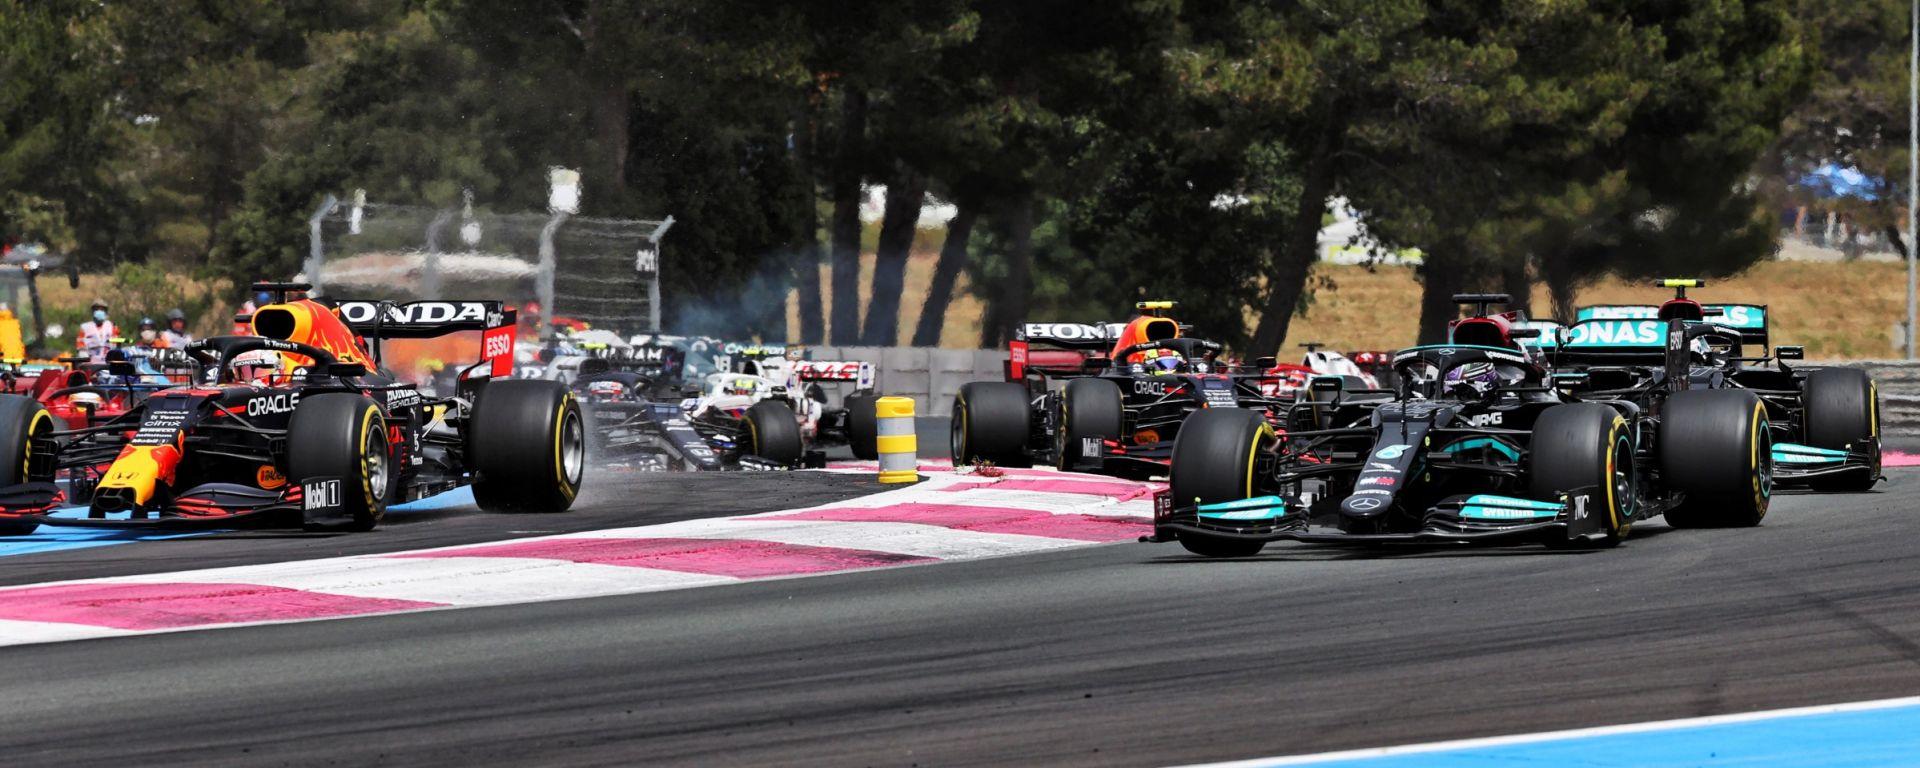 F1, GP Francia 2021: le prime fasi di gara